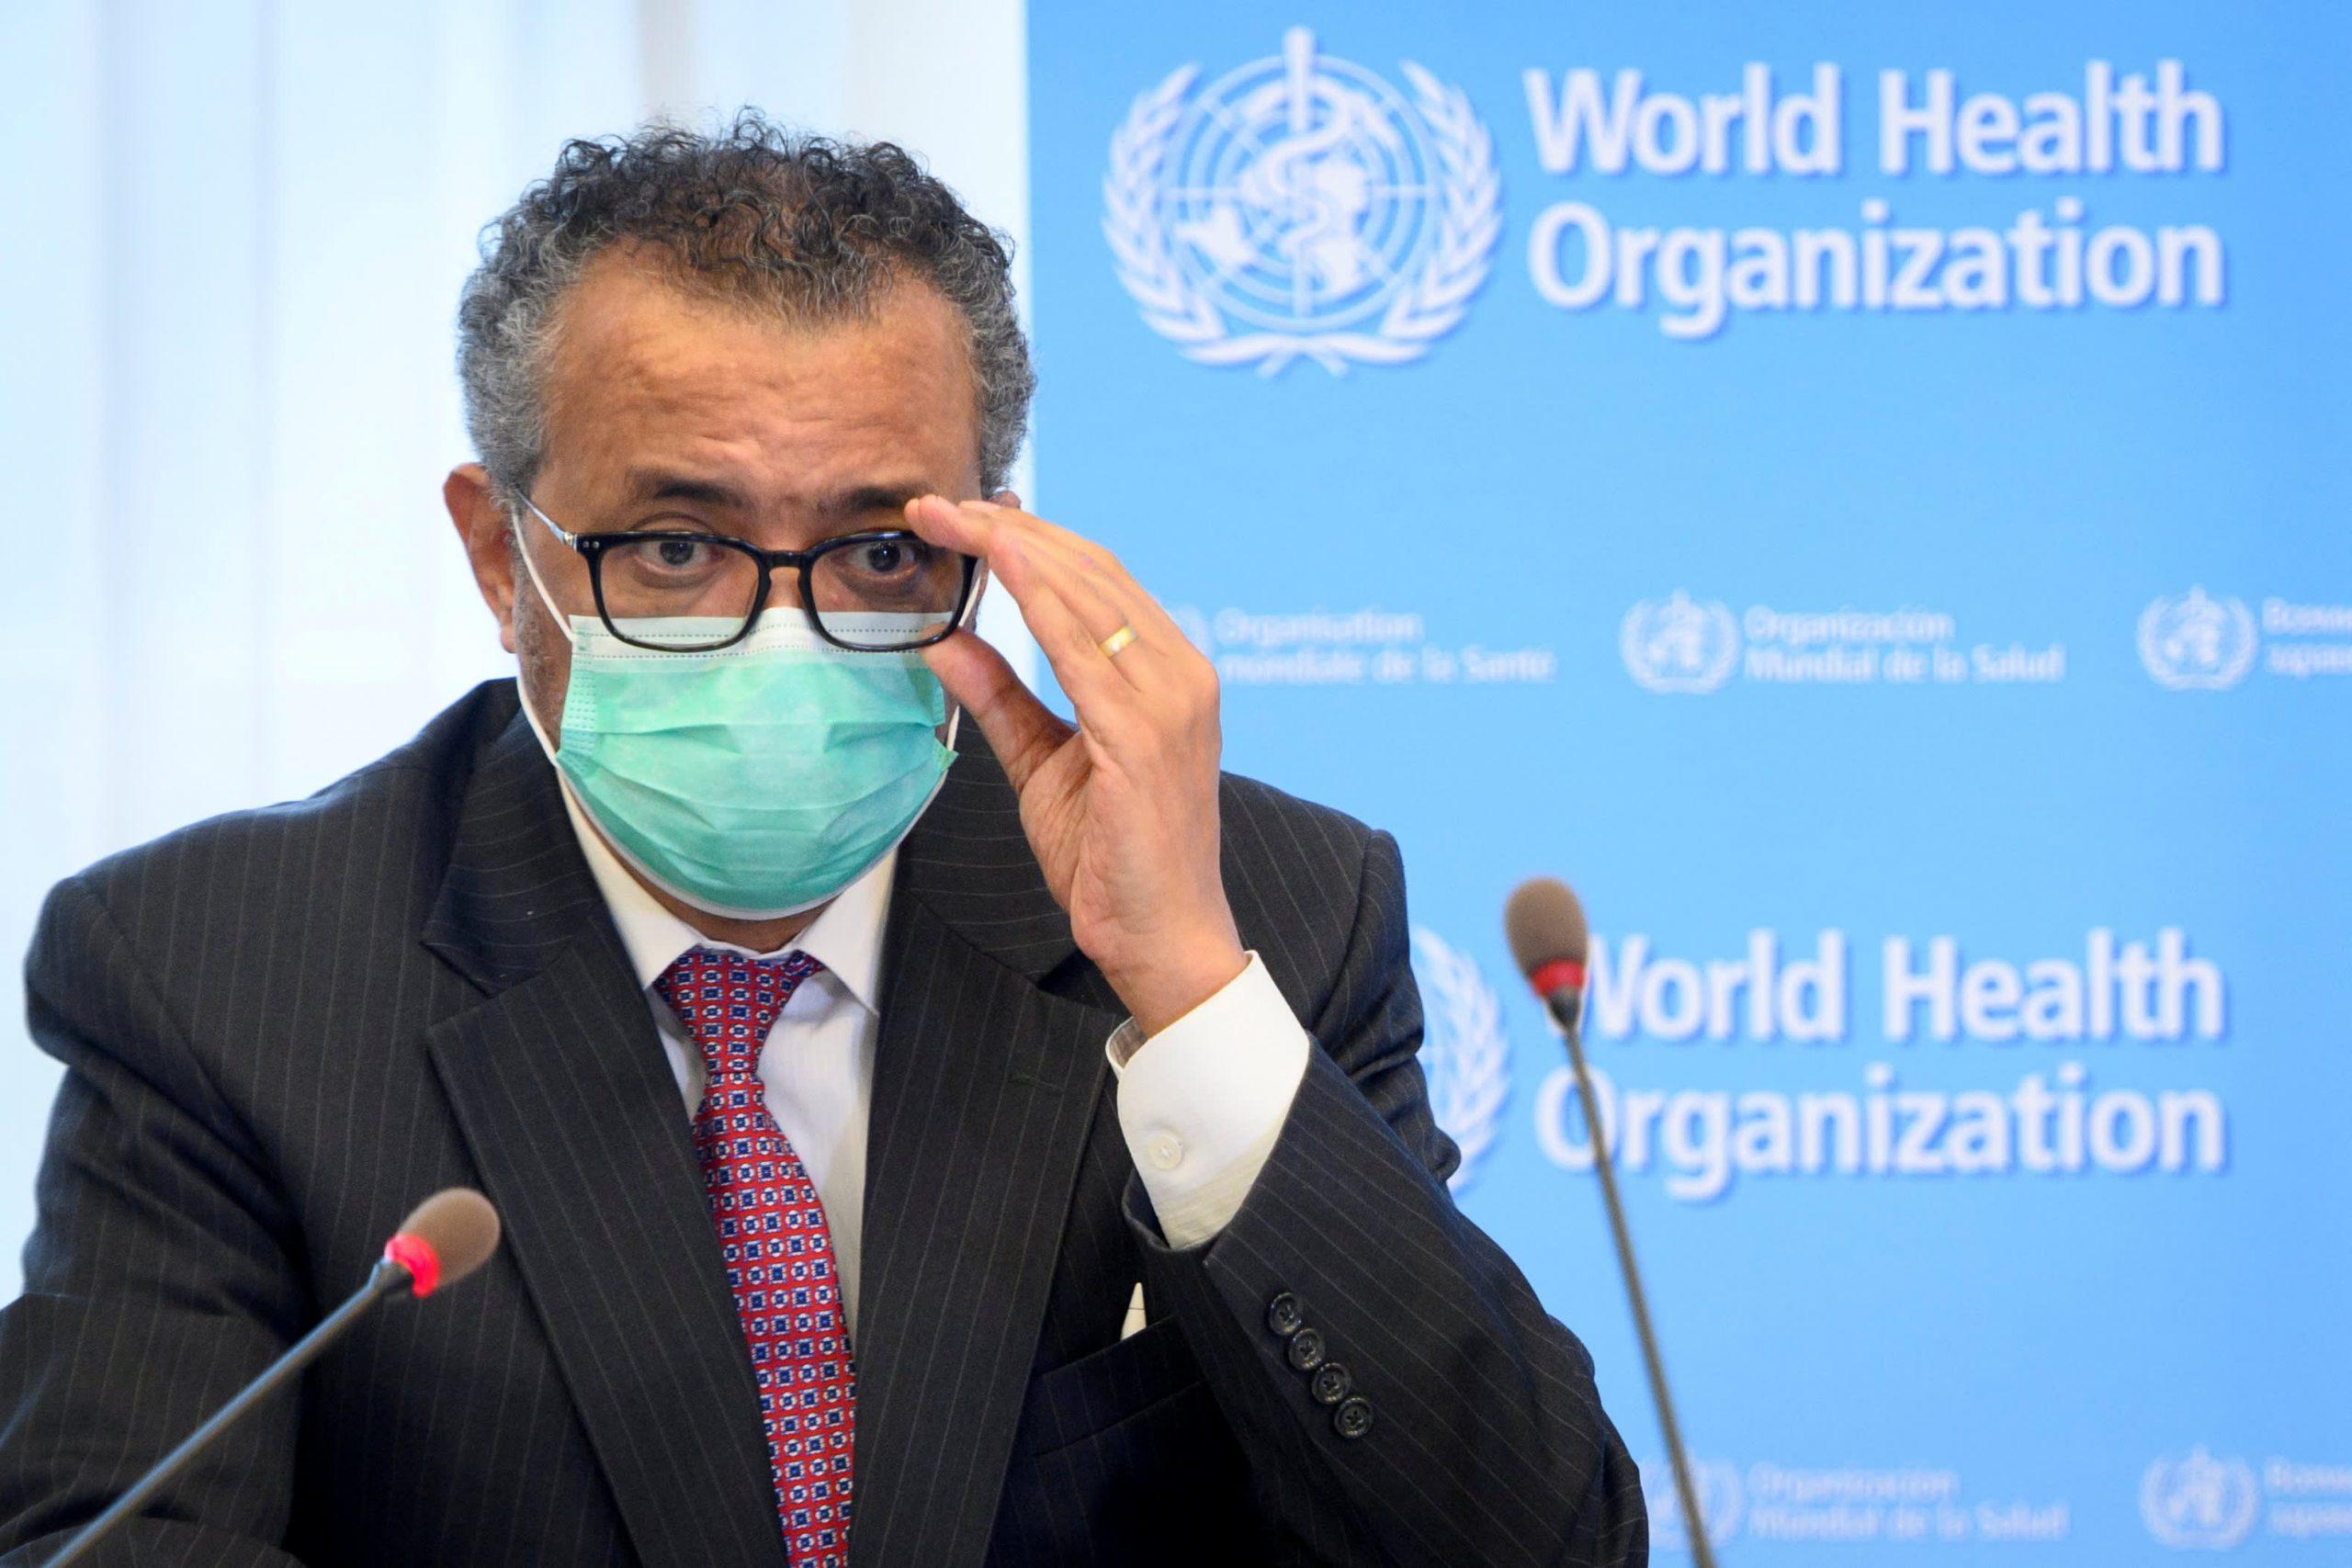 WHO monitoring new coronavirus variant named 'Mu'